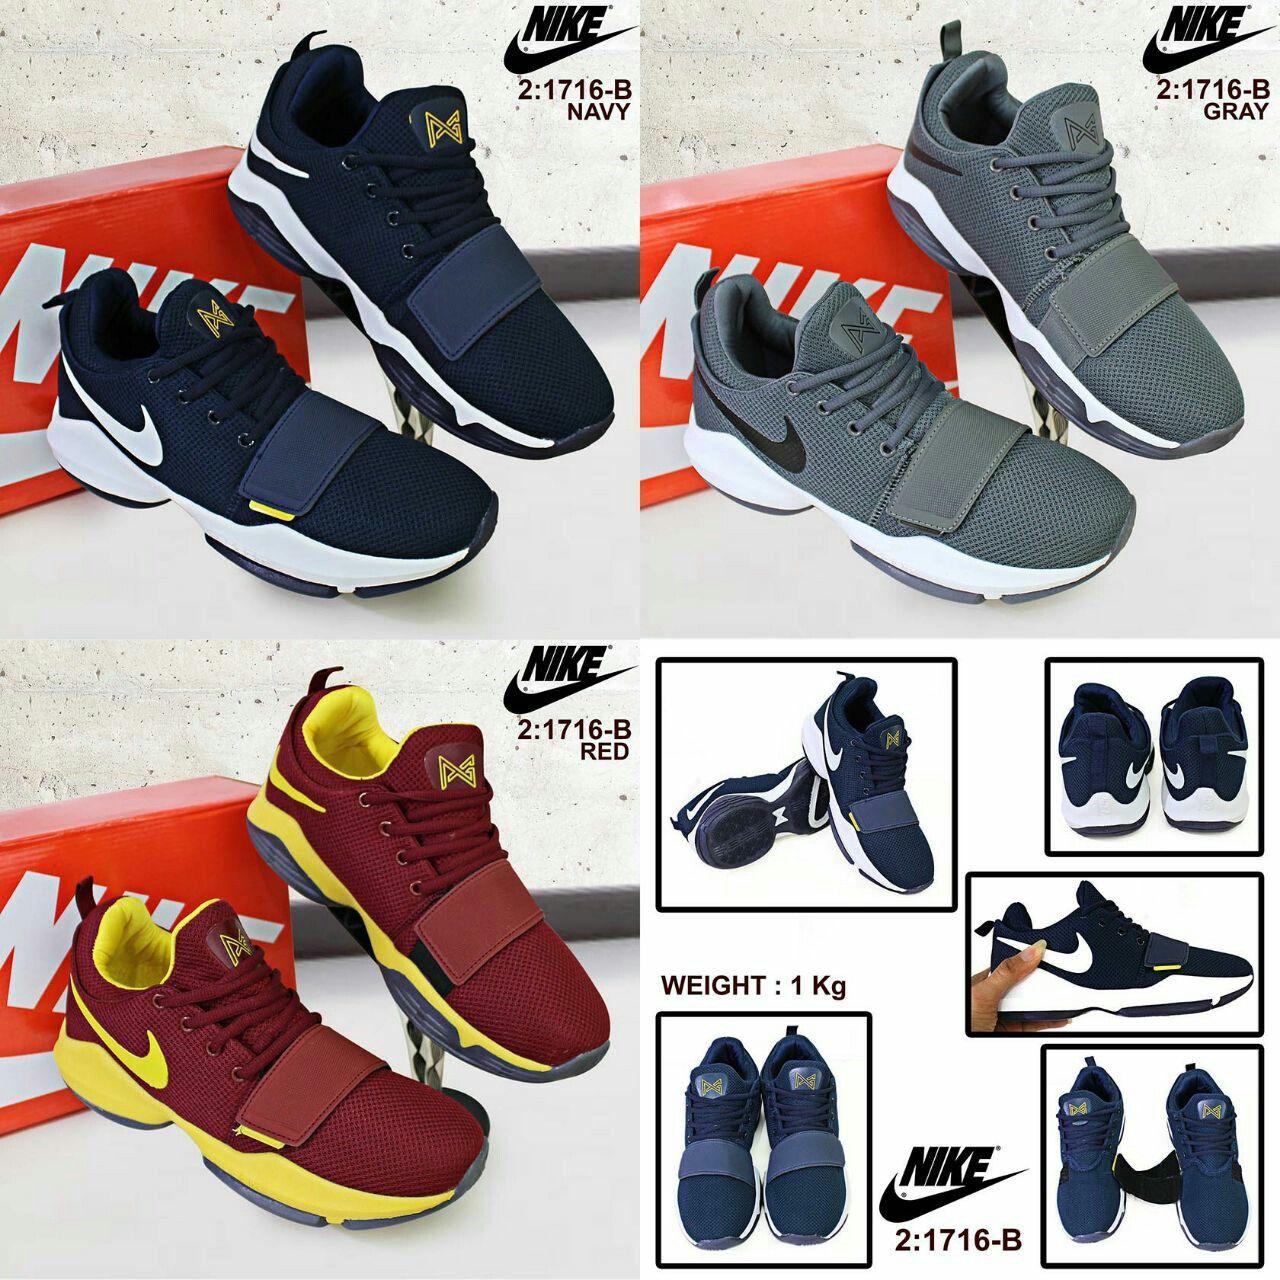 Sepatu Merek Nike Seri 1716 B Kualitas Semprem Warna Greay Red